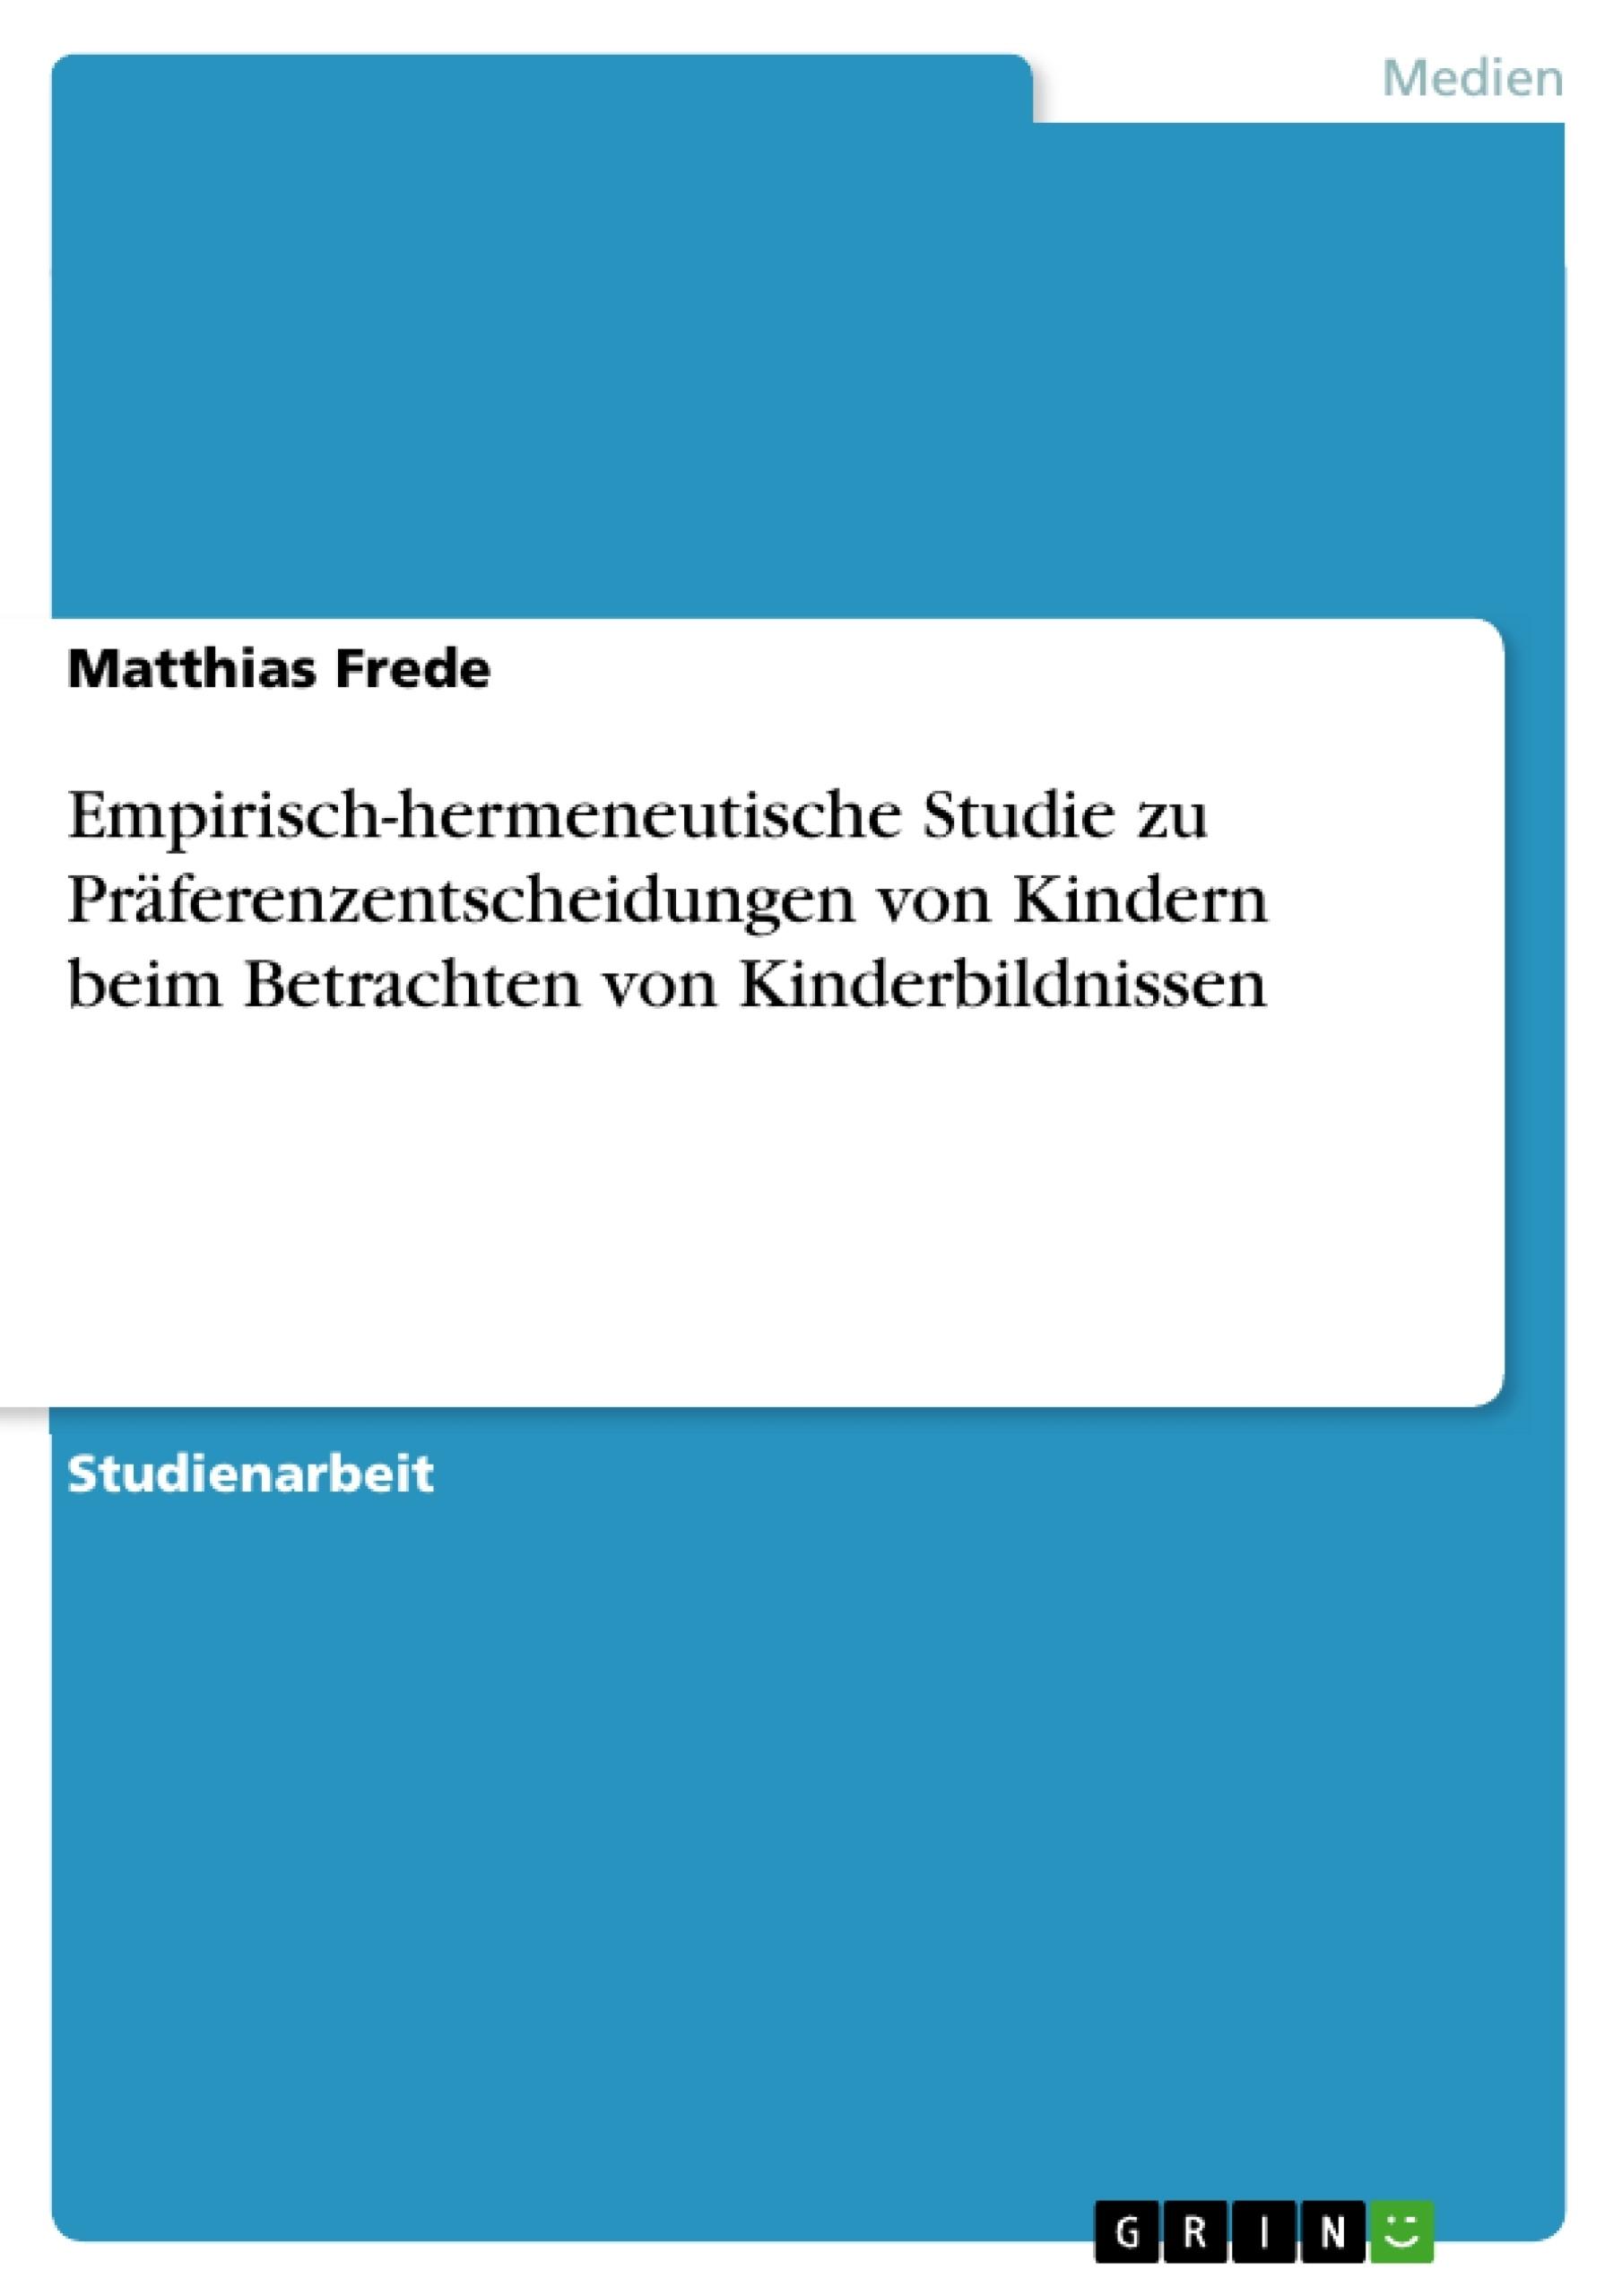 Titel: Empirisch-hermeneutische Studie zu Präferenzentscheidungen von Kindern beim Betrachten von Kinderbildnissen